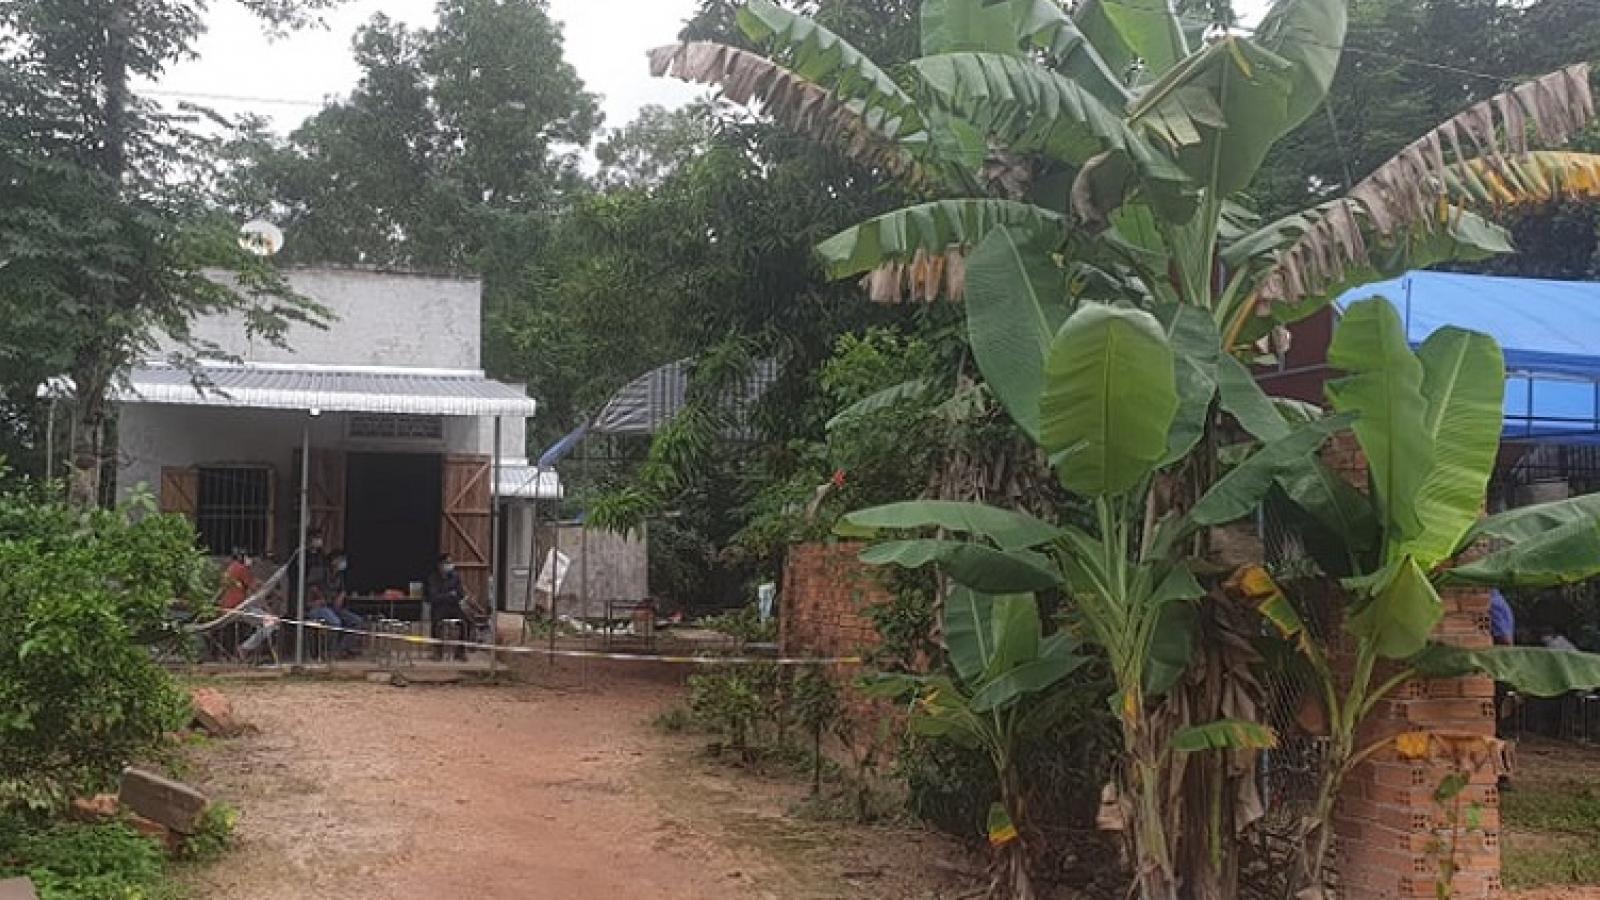 Con rể hành hung bố vợ tử vong ở Bình Thuận